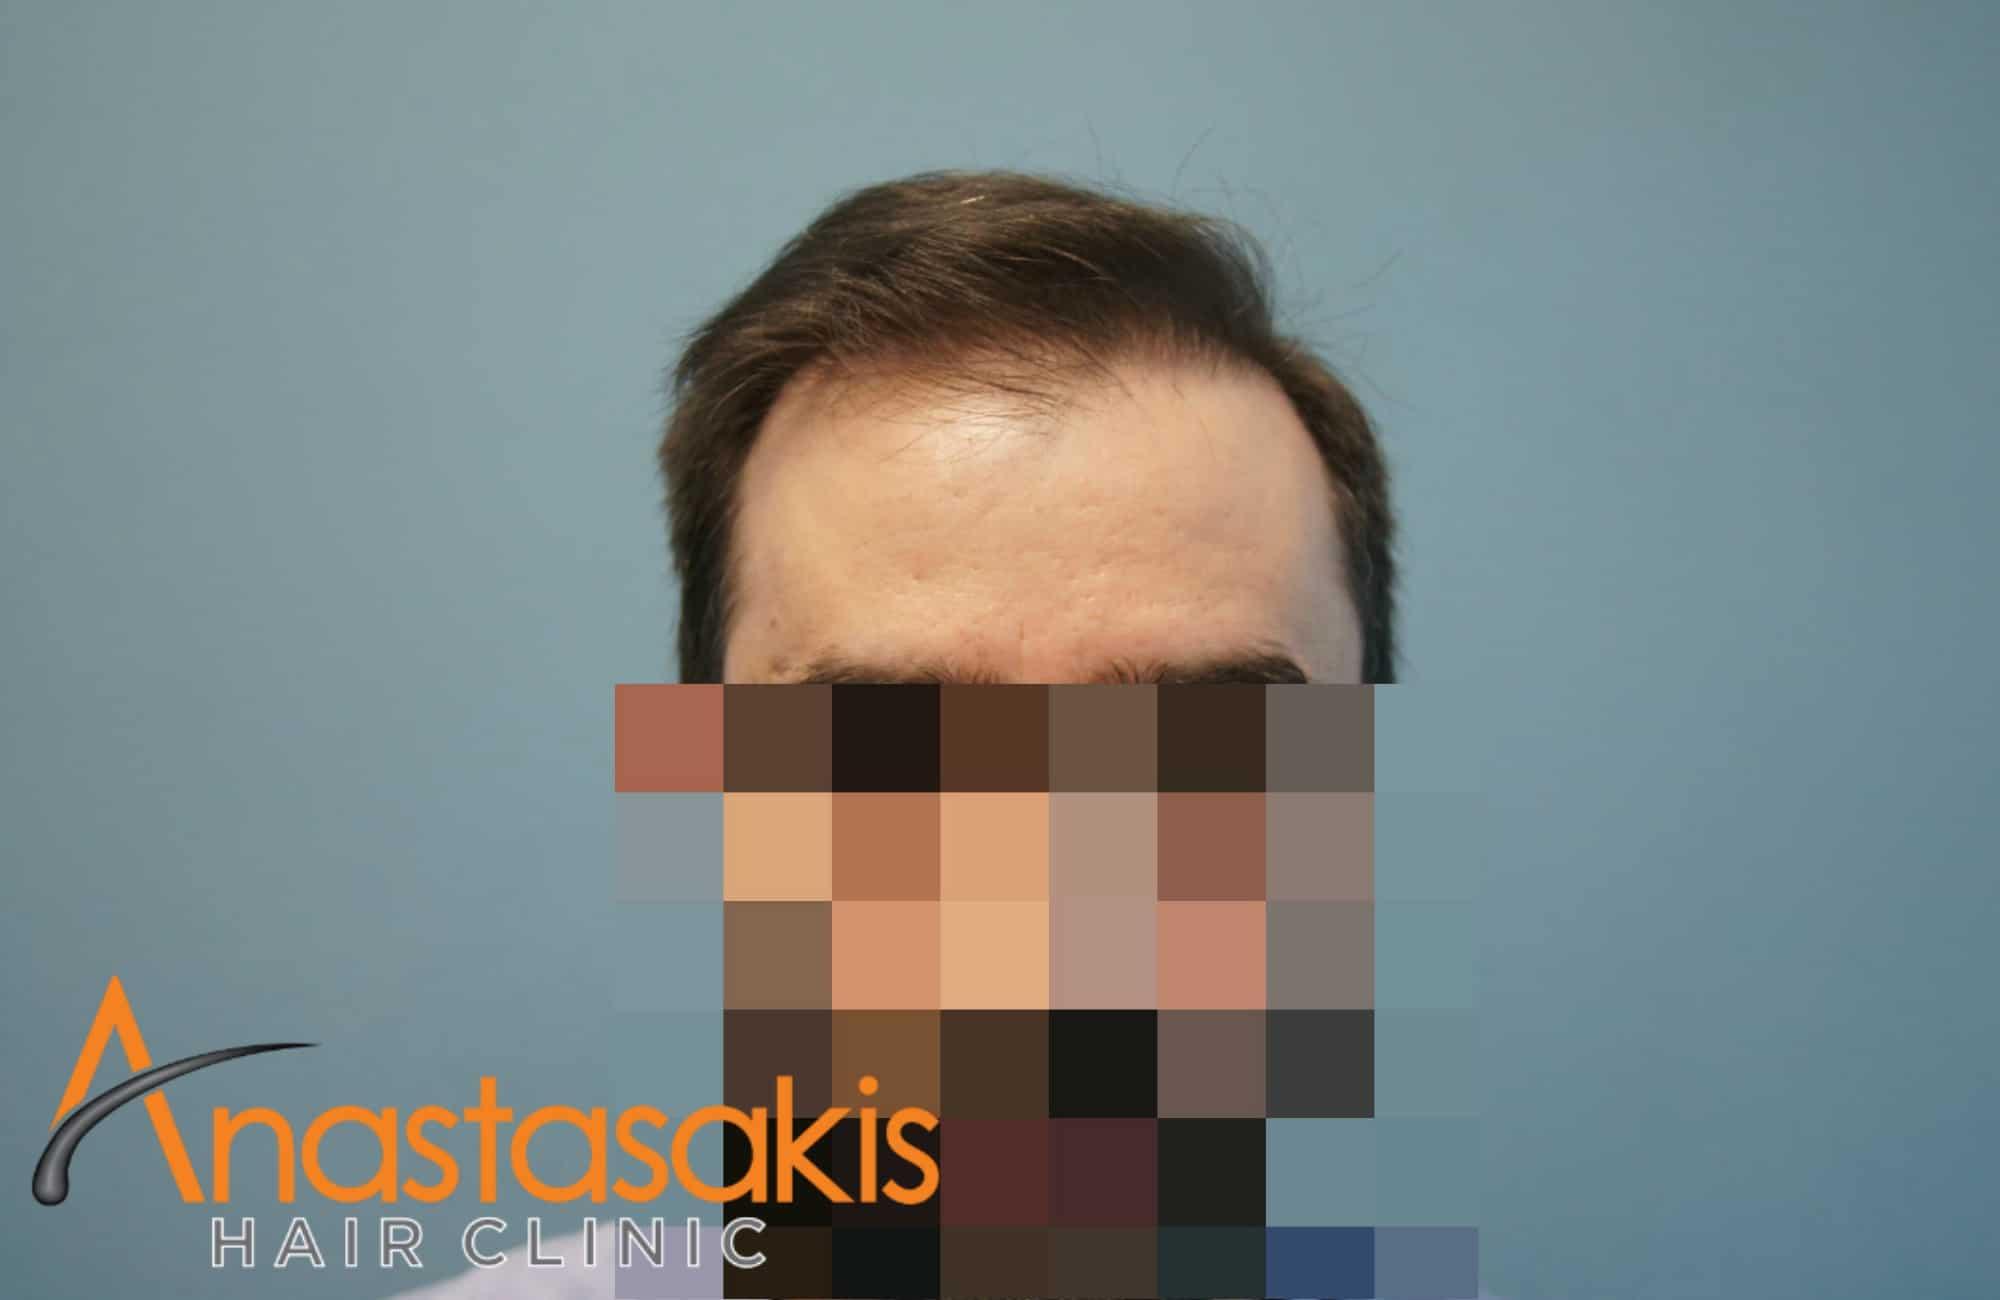 μετα τη μεταμοσχευση μαλλιων με 2500 fus full face